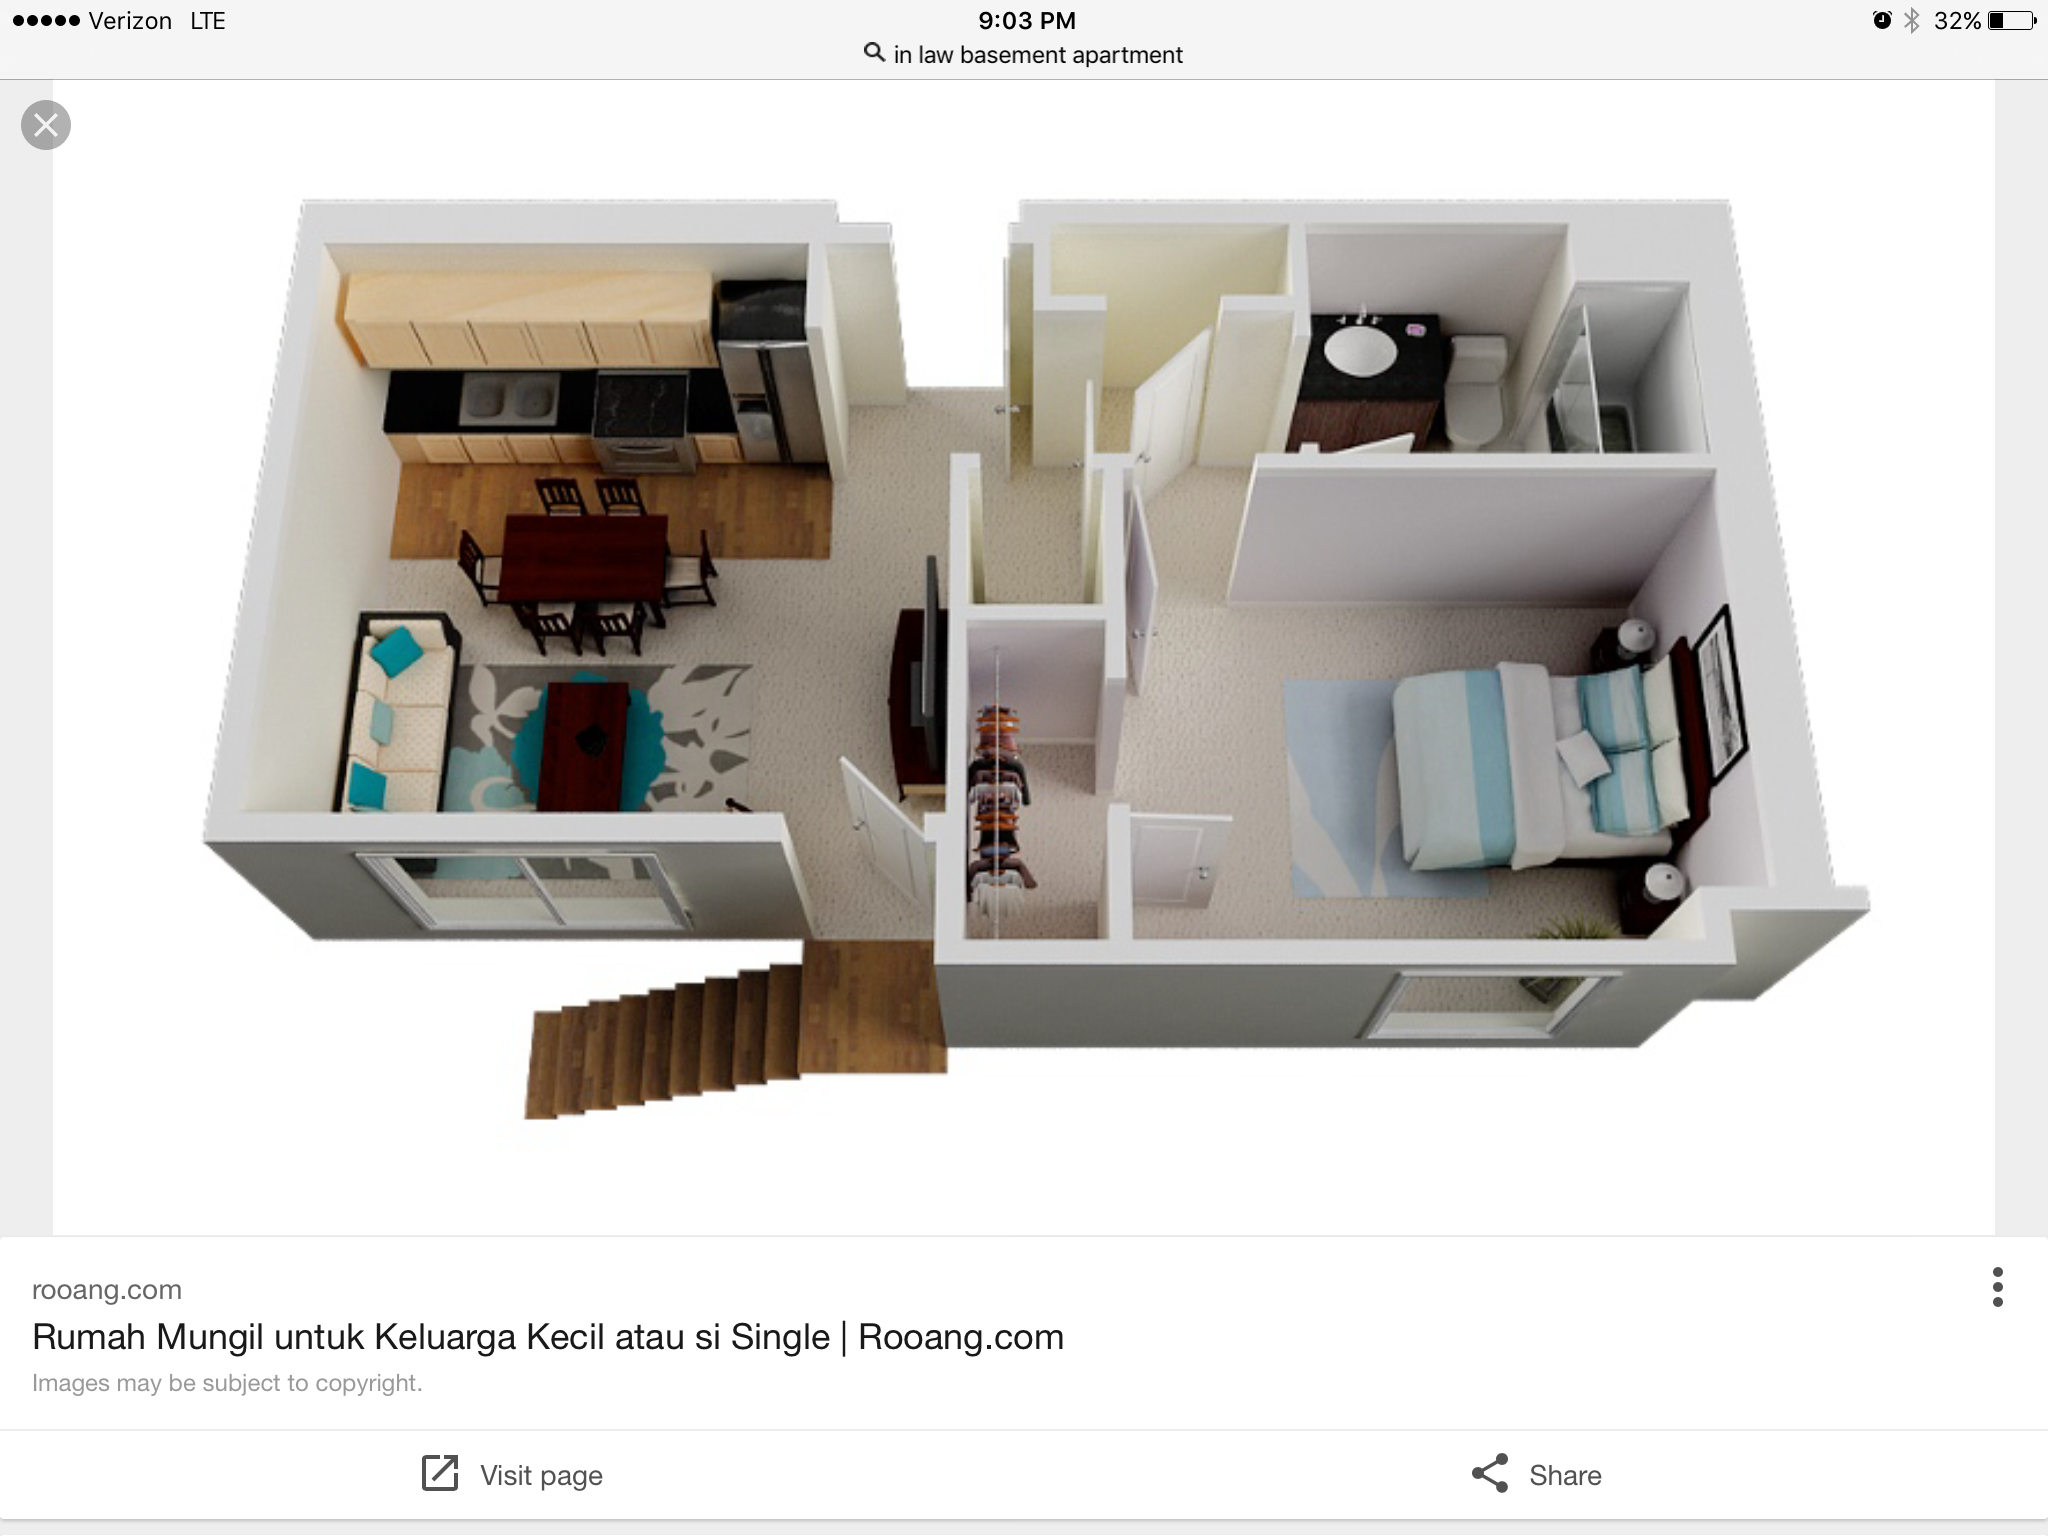 Architektur, Wohnungspläne, Wohnungseinrichtung, Schlafzimmer, Kleines Haus  Design, Hinterhöfe, Kleine Räume, Schlanker Körper, Hüllend